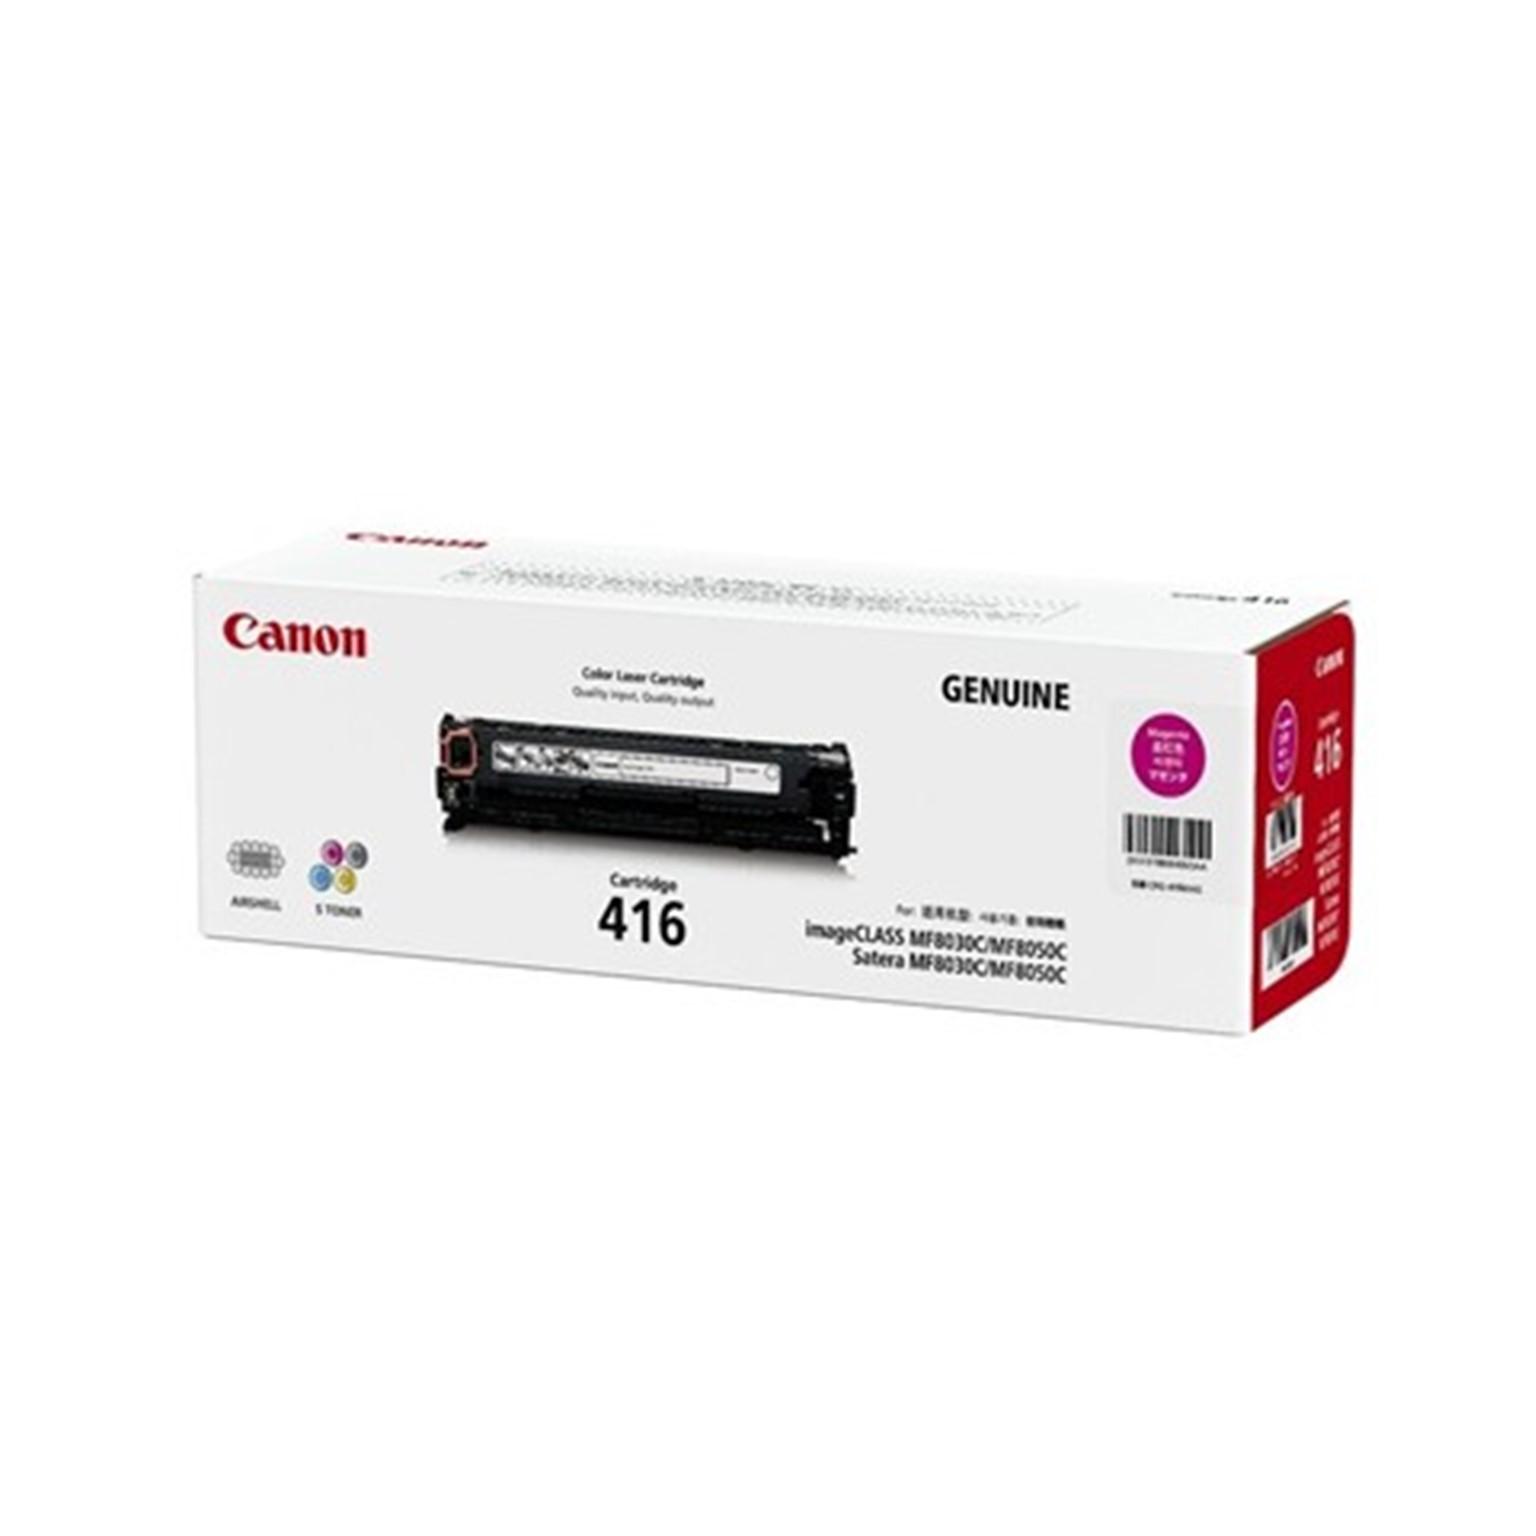 Canon Cartridge-416 Toner Magenta